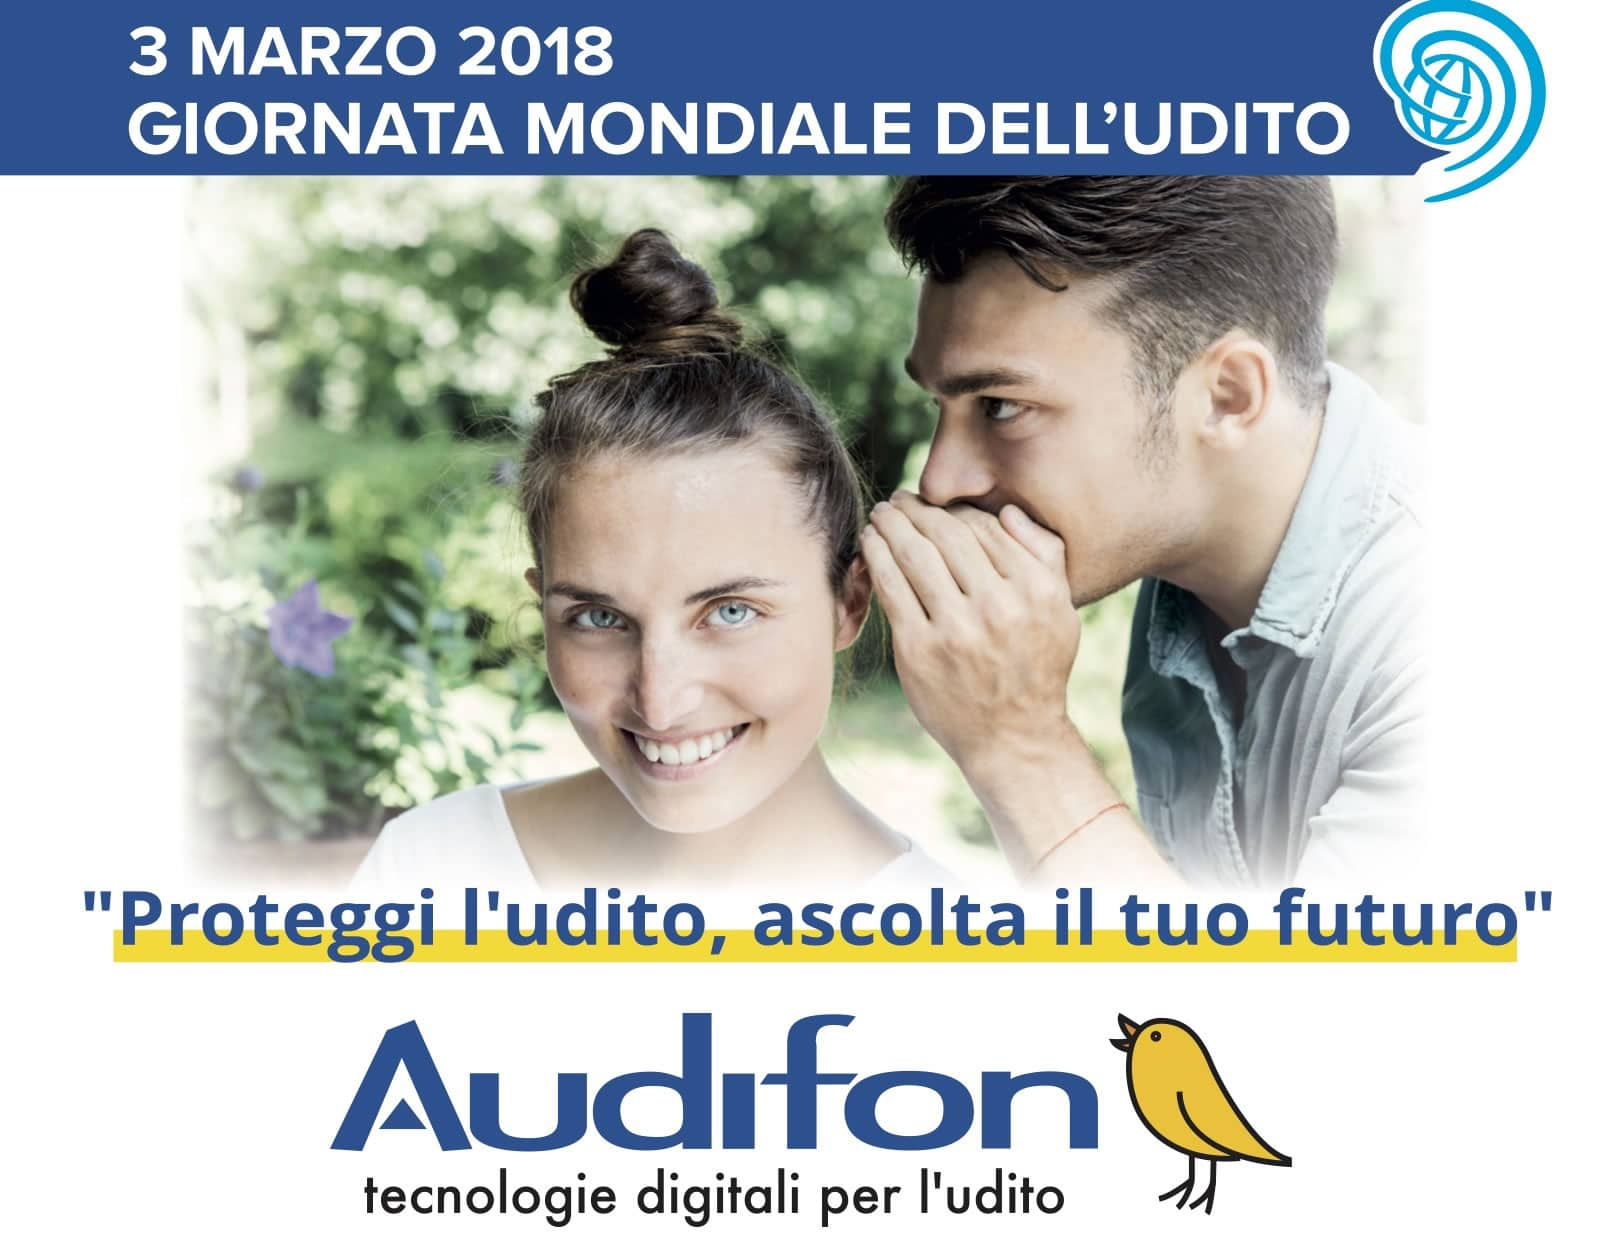 Proteggere l'udito per affrontare con serenità il futuro